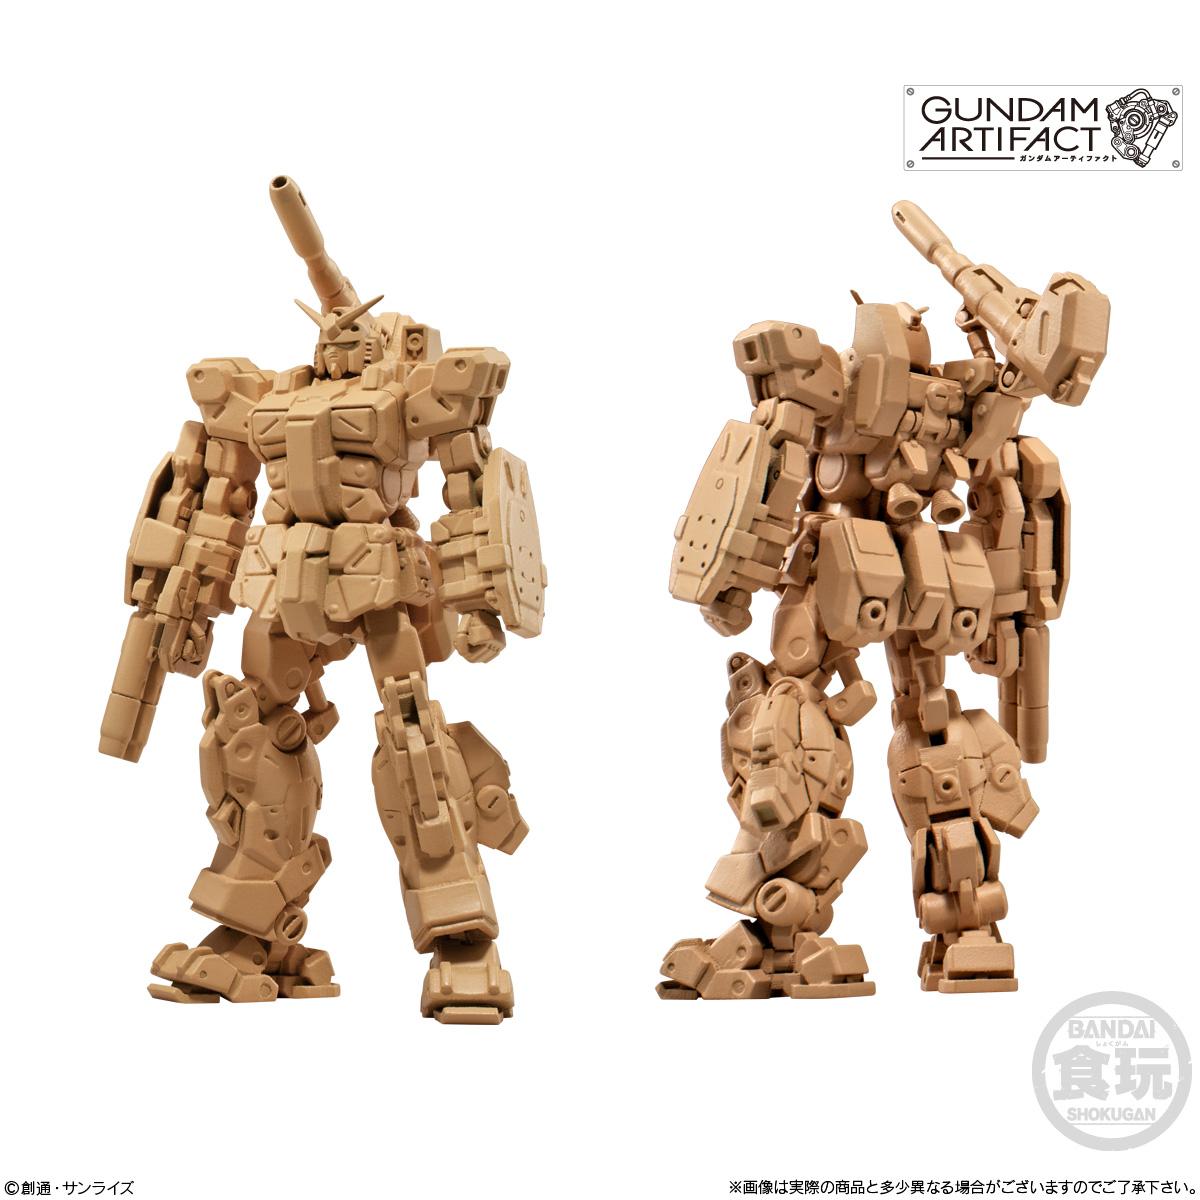 【食玩】機動戦士ガンダム『ガンダムアーティファクト 第2弾』プラ製ミニキット 10個入りBOX-002